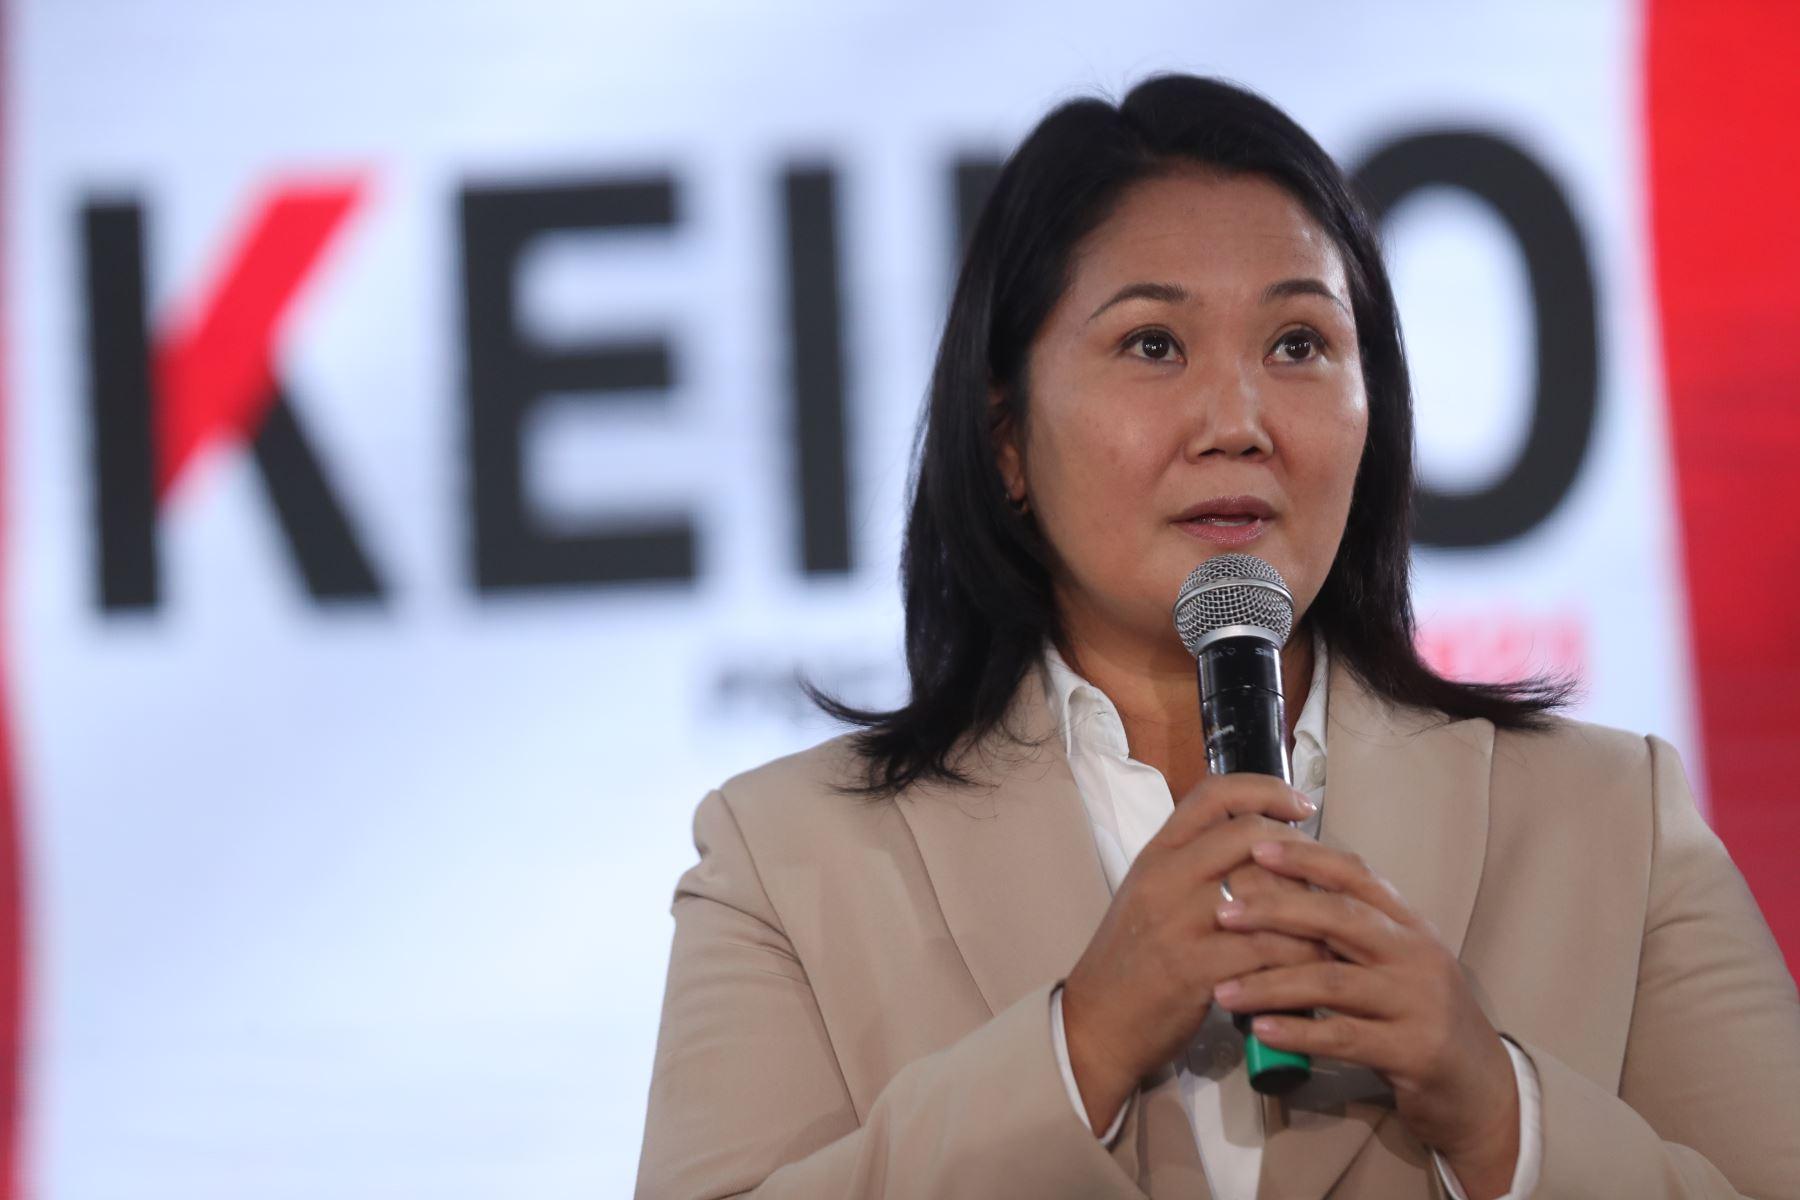 Conferencia de prensa de Keiko Fujimori candidata de Fuerza Popular. Foto: ANDINA/Carla Patiño Ramírez